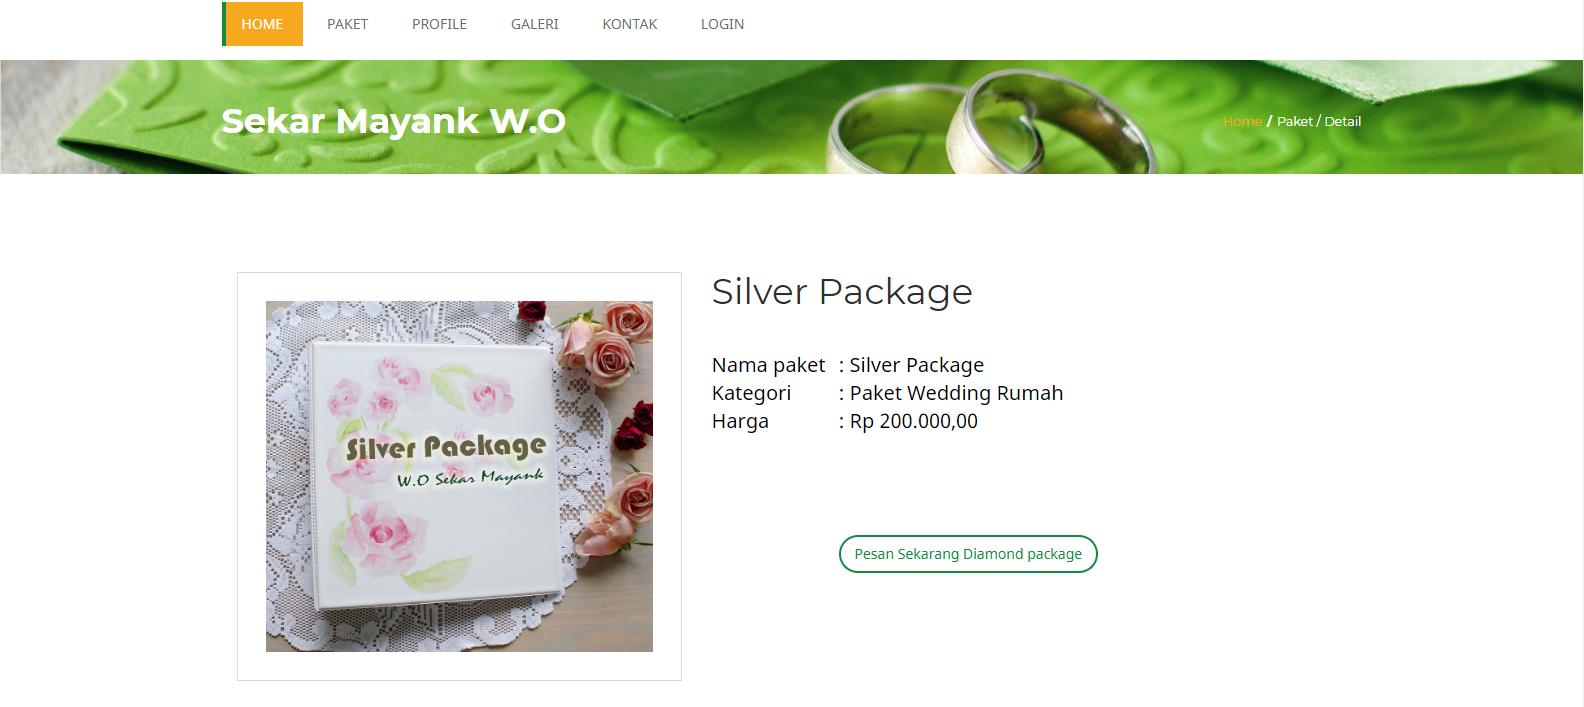 Sistem Informasi Pemesanan Paket Pernikahan (Sekar Mayank Wedding Organizer)